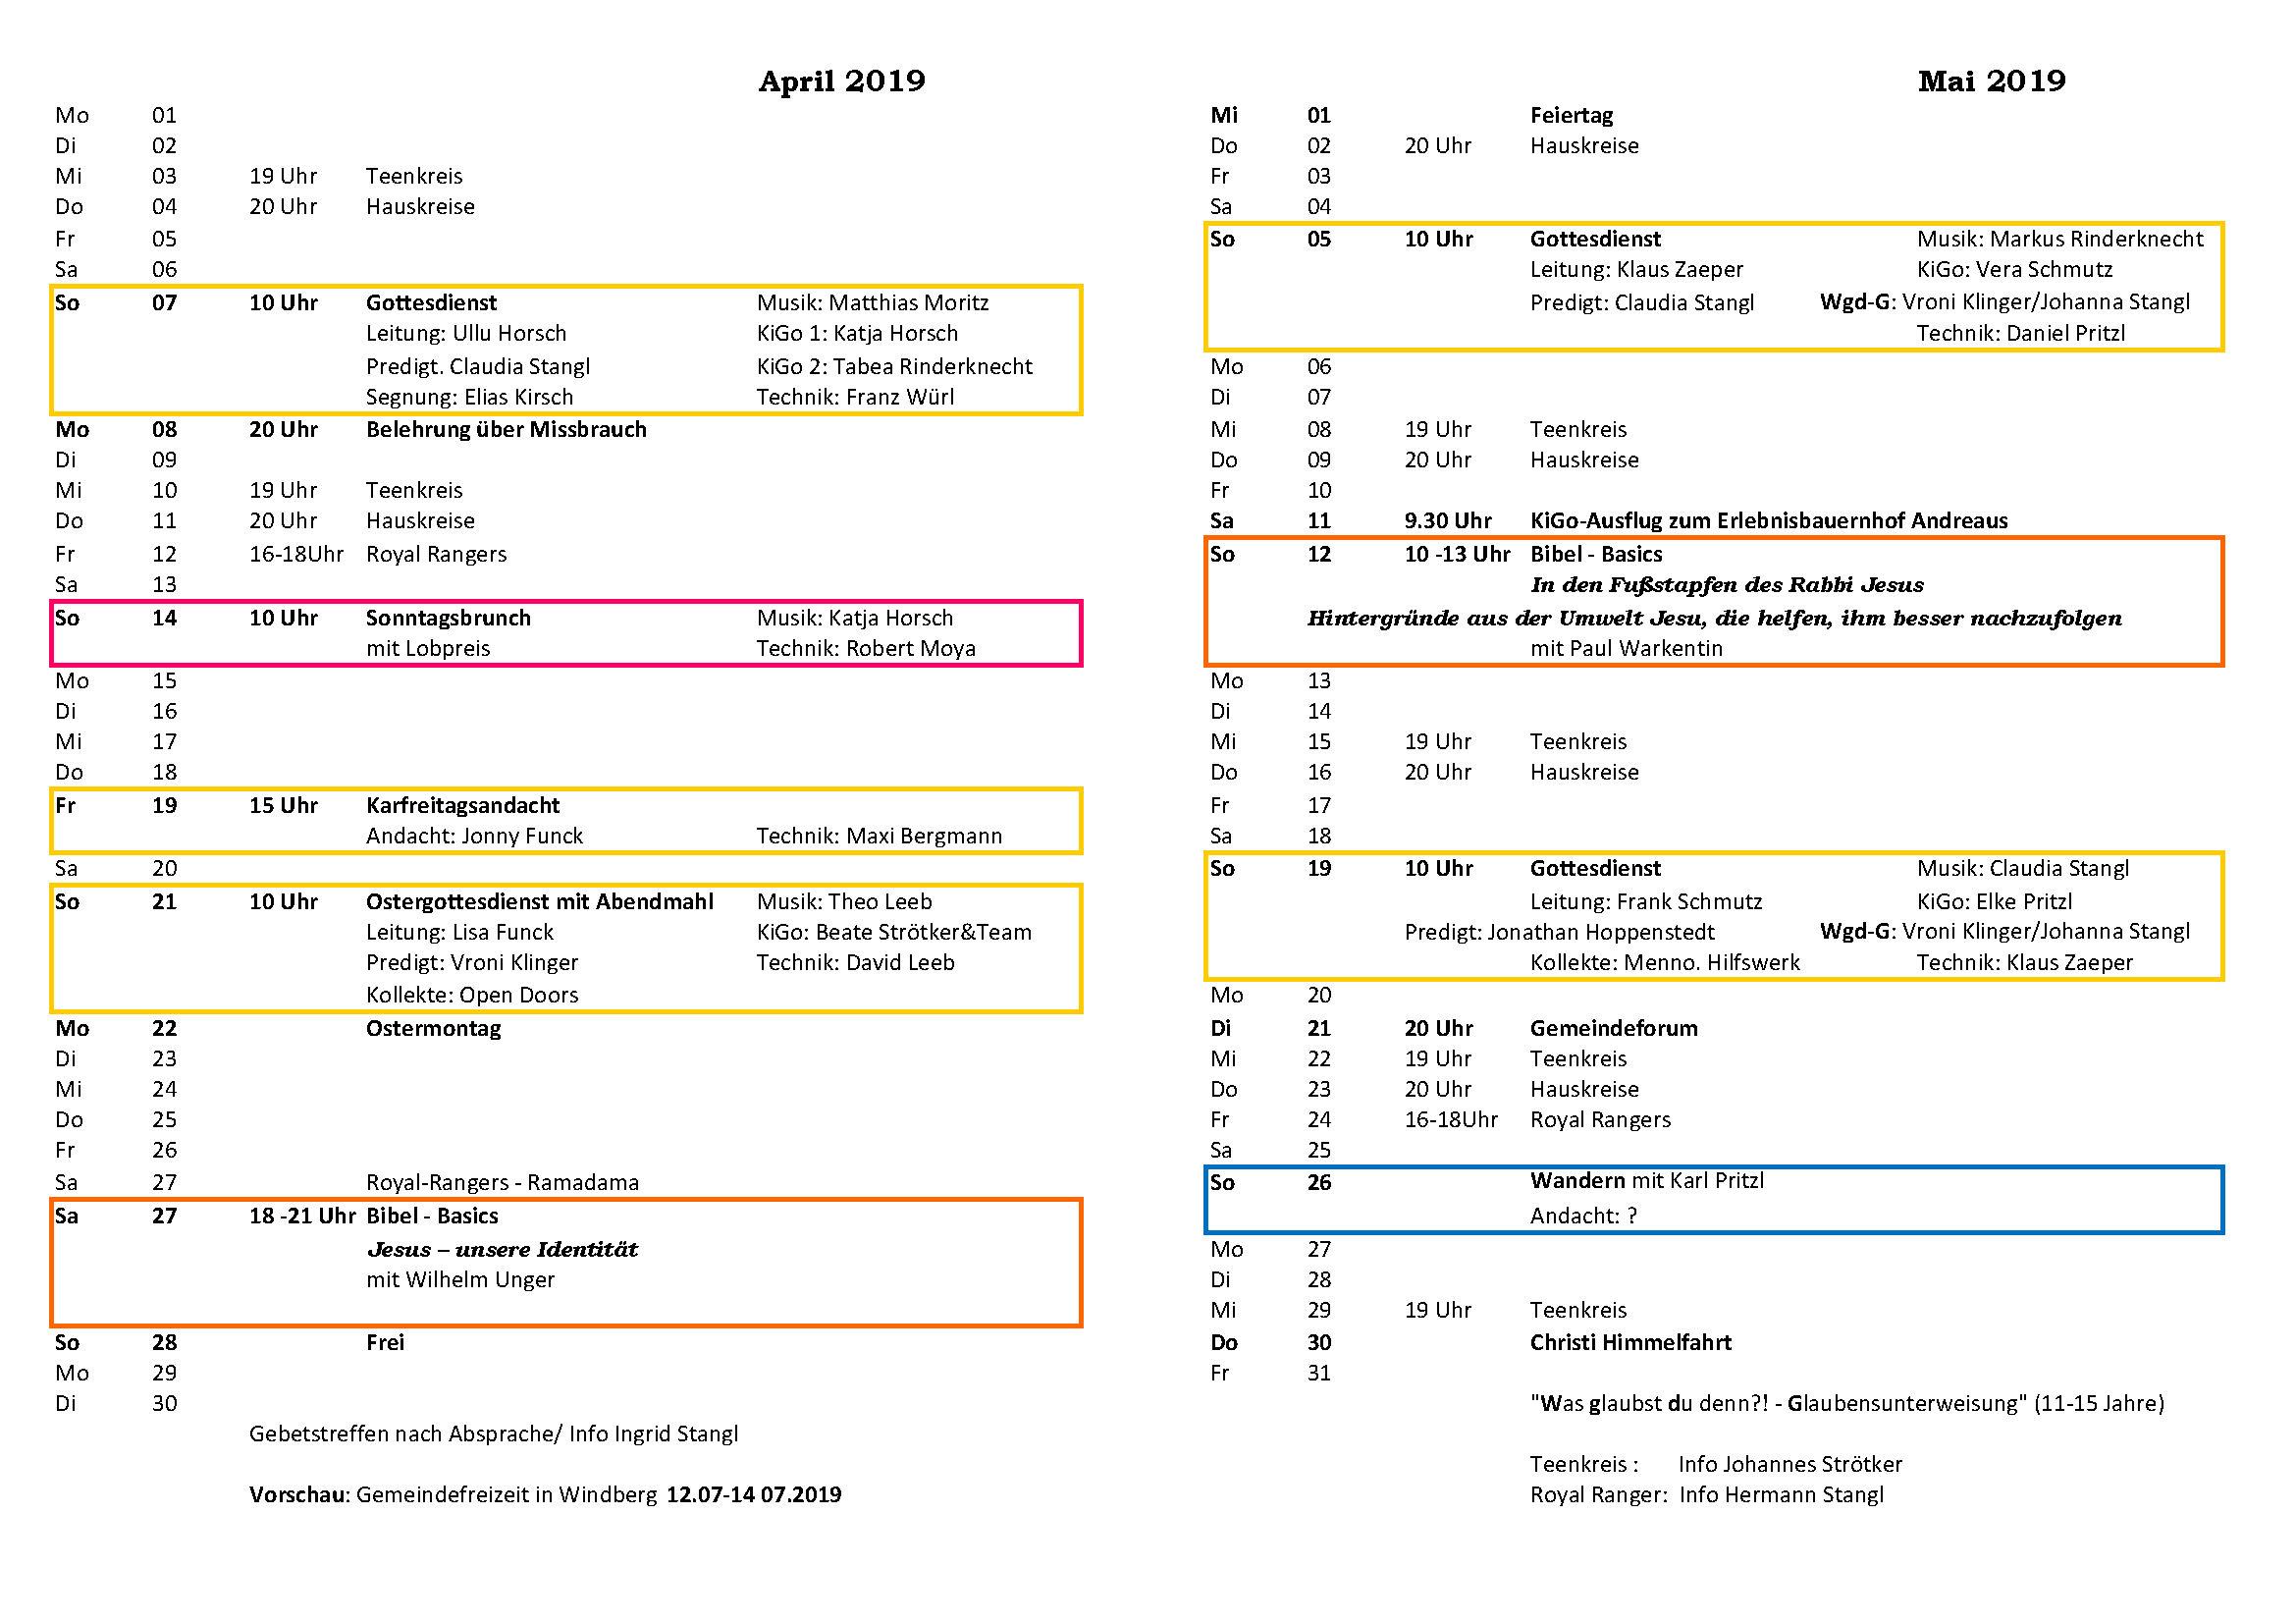 https://www.ev-freikirche-landau.de/wp-content/uploads/2019/04/Plan-April-Mai-2019.jpg